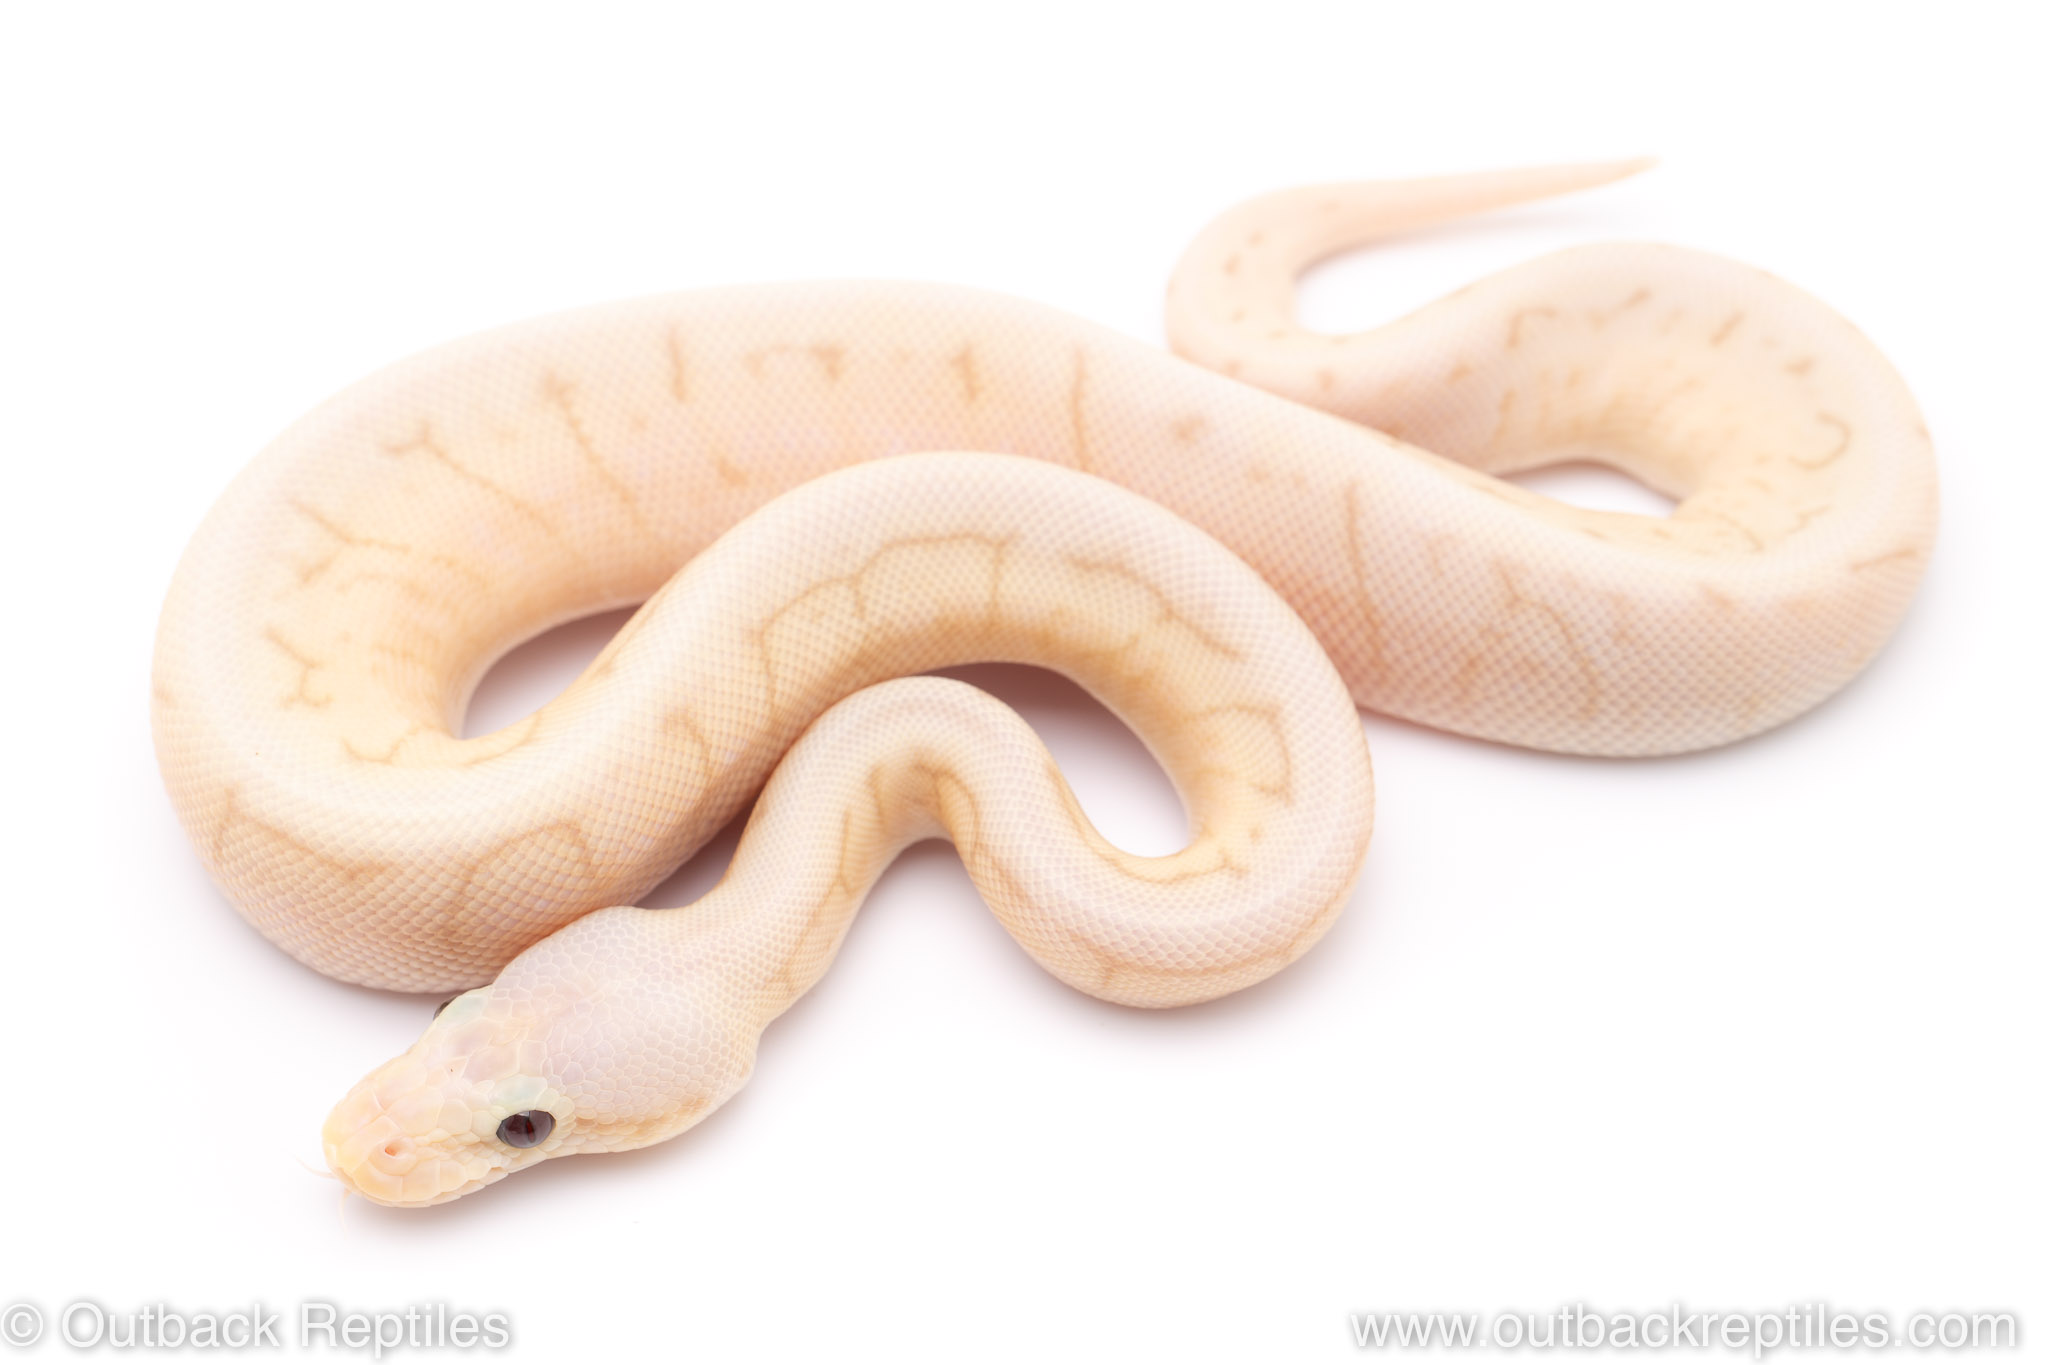 Banana Killer spinner blast ball python for sale